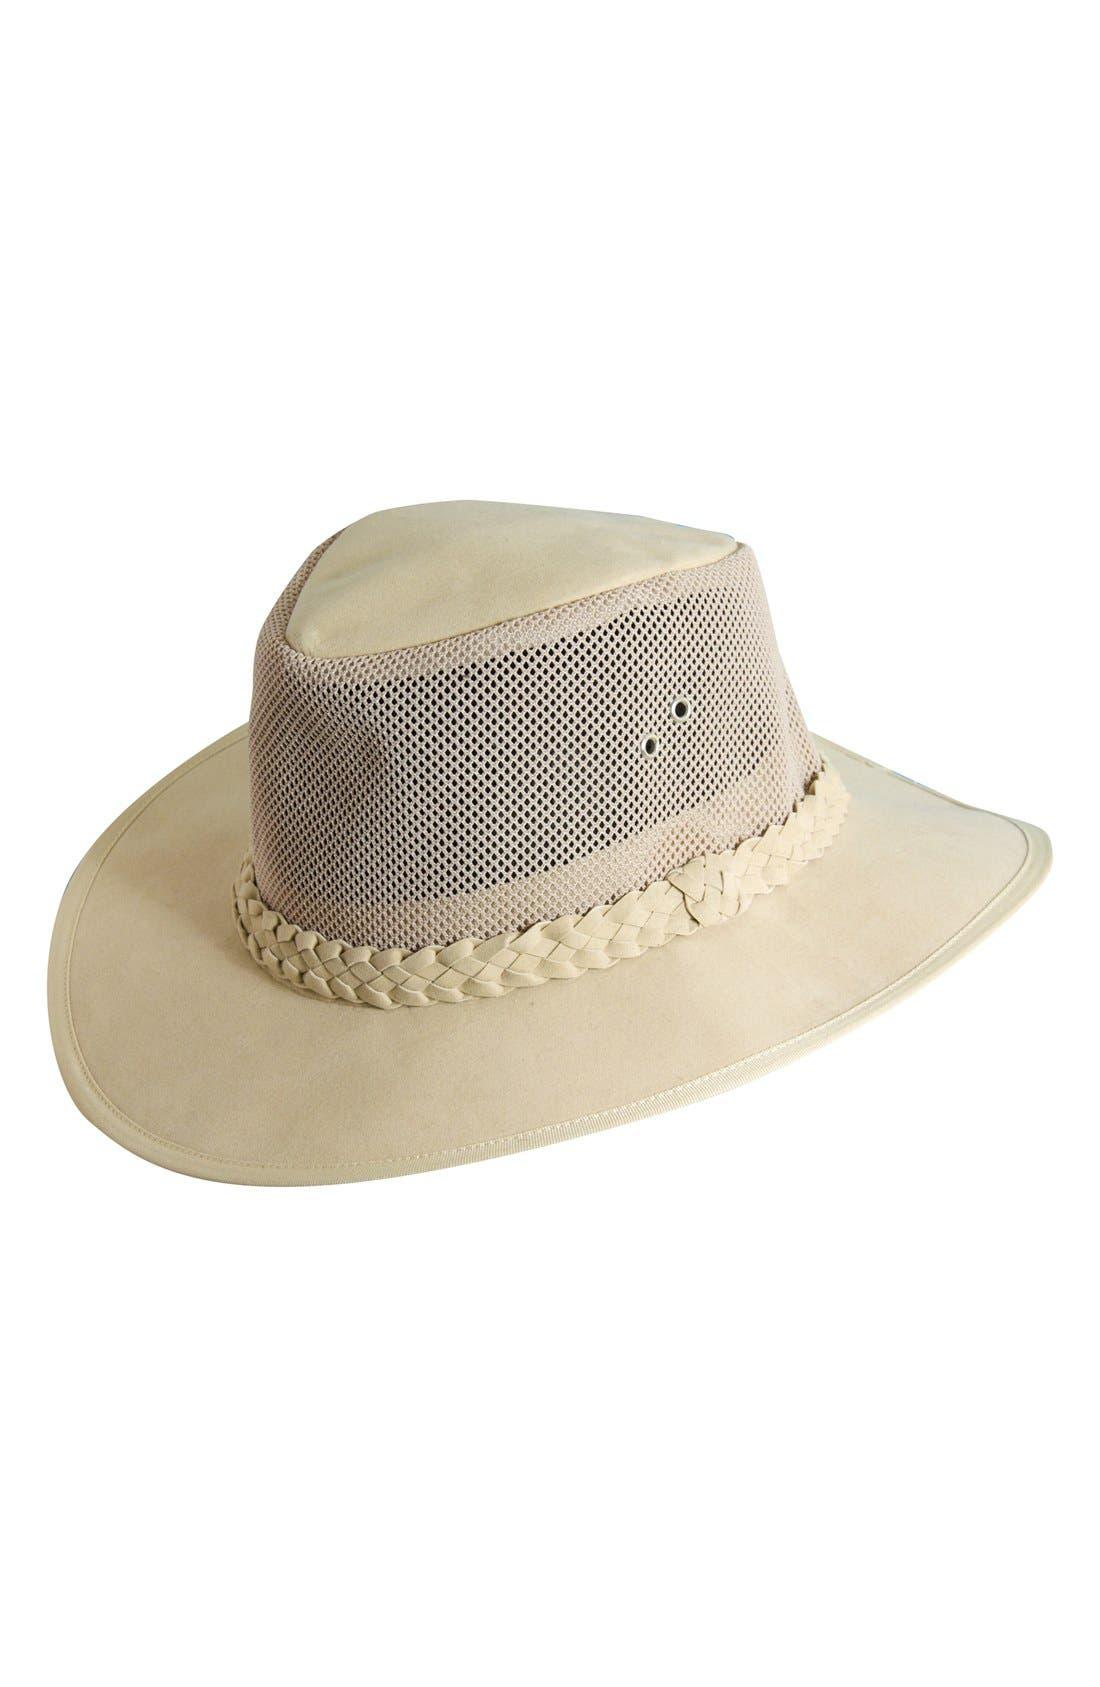 Soaker Hat,                             Main thumbnail 1, color,                             NATURAL